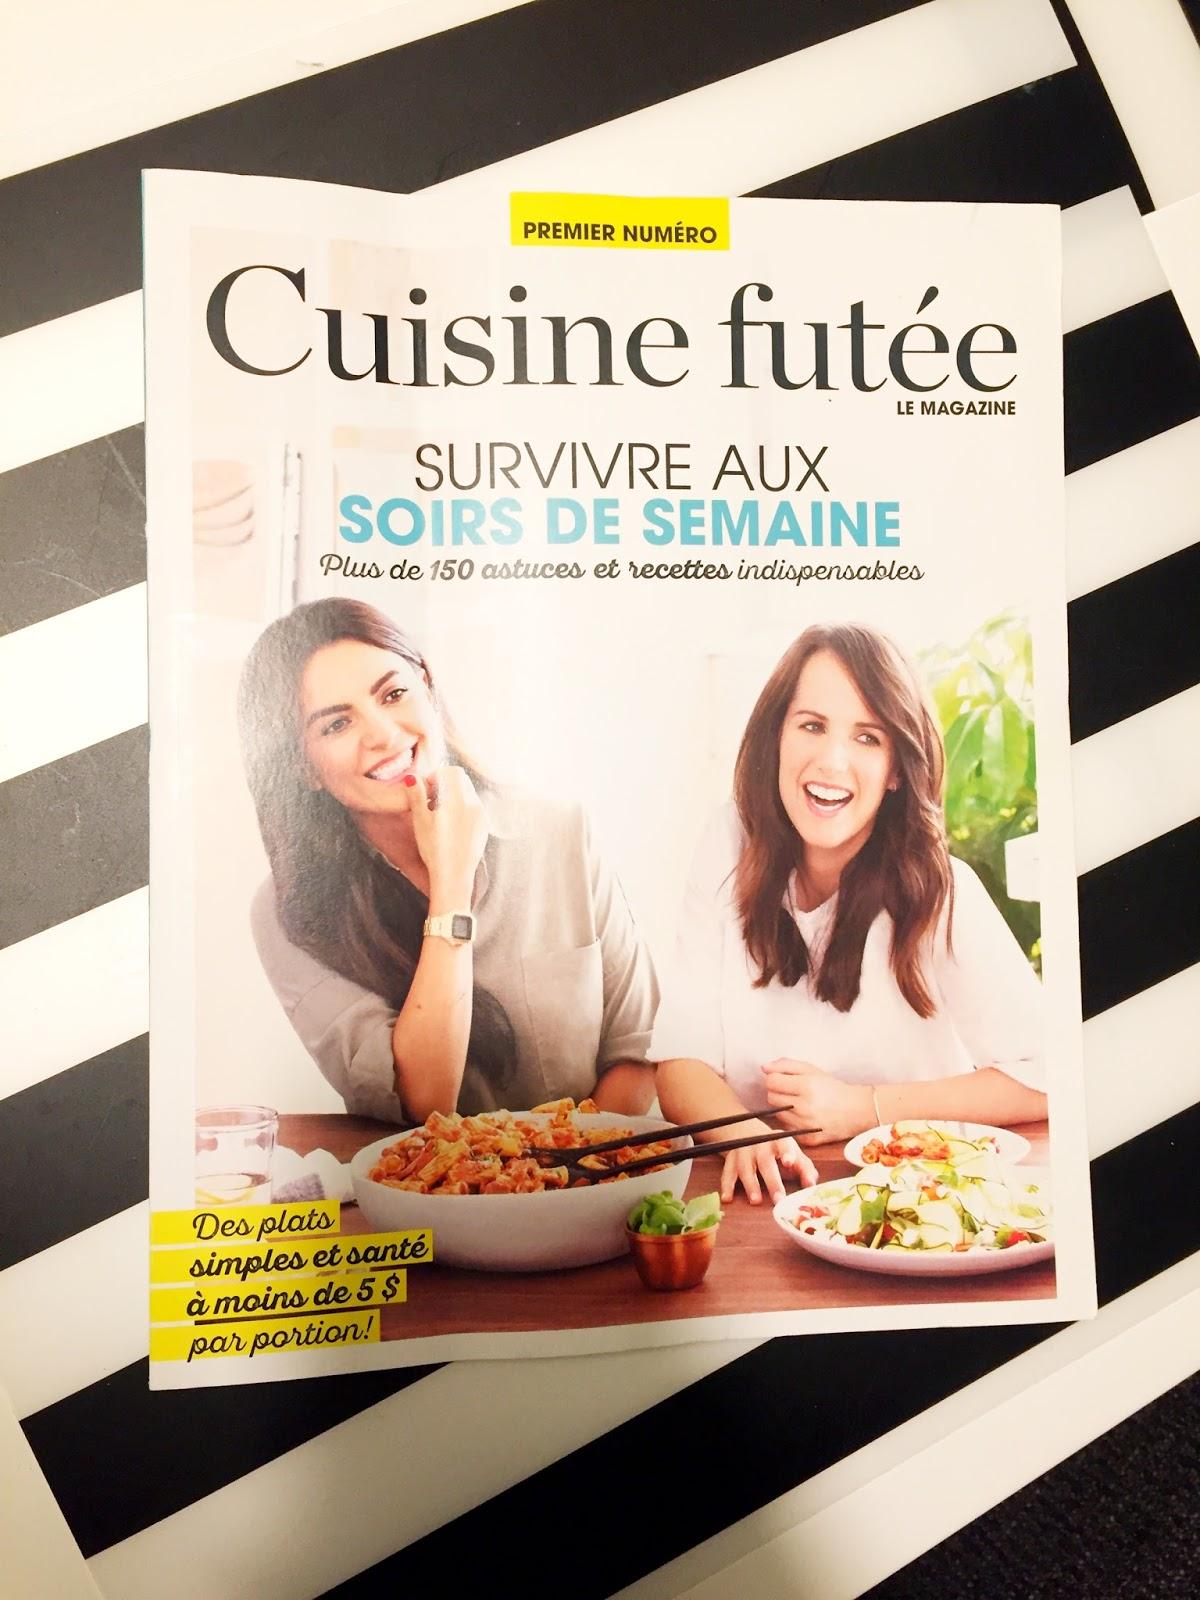 On Aime Tout Du Nouveau Magazine Cuisine Futee Nana Toulouse